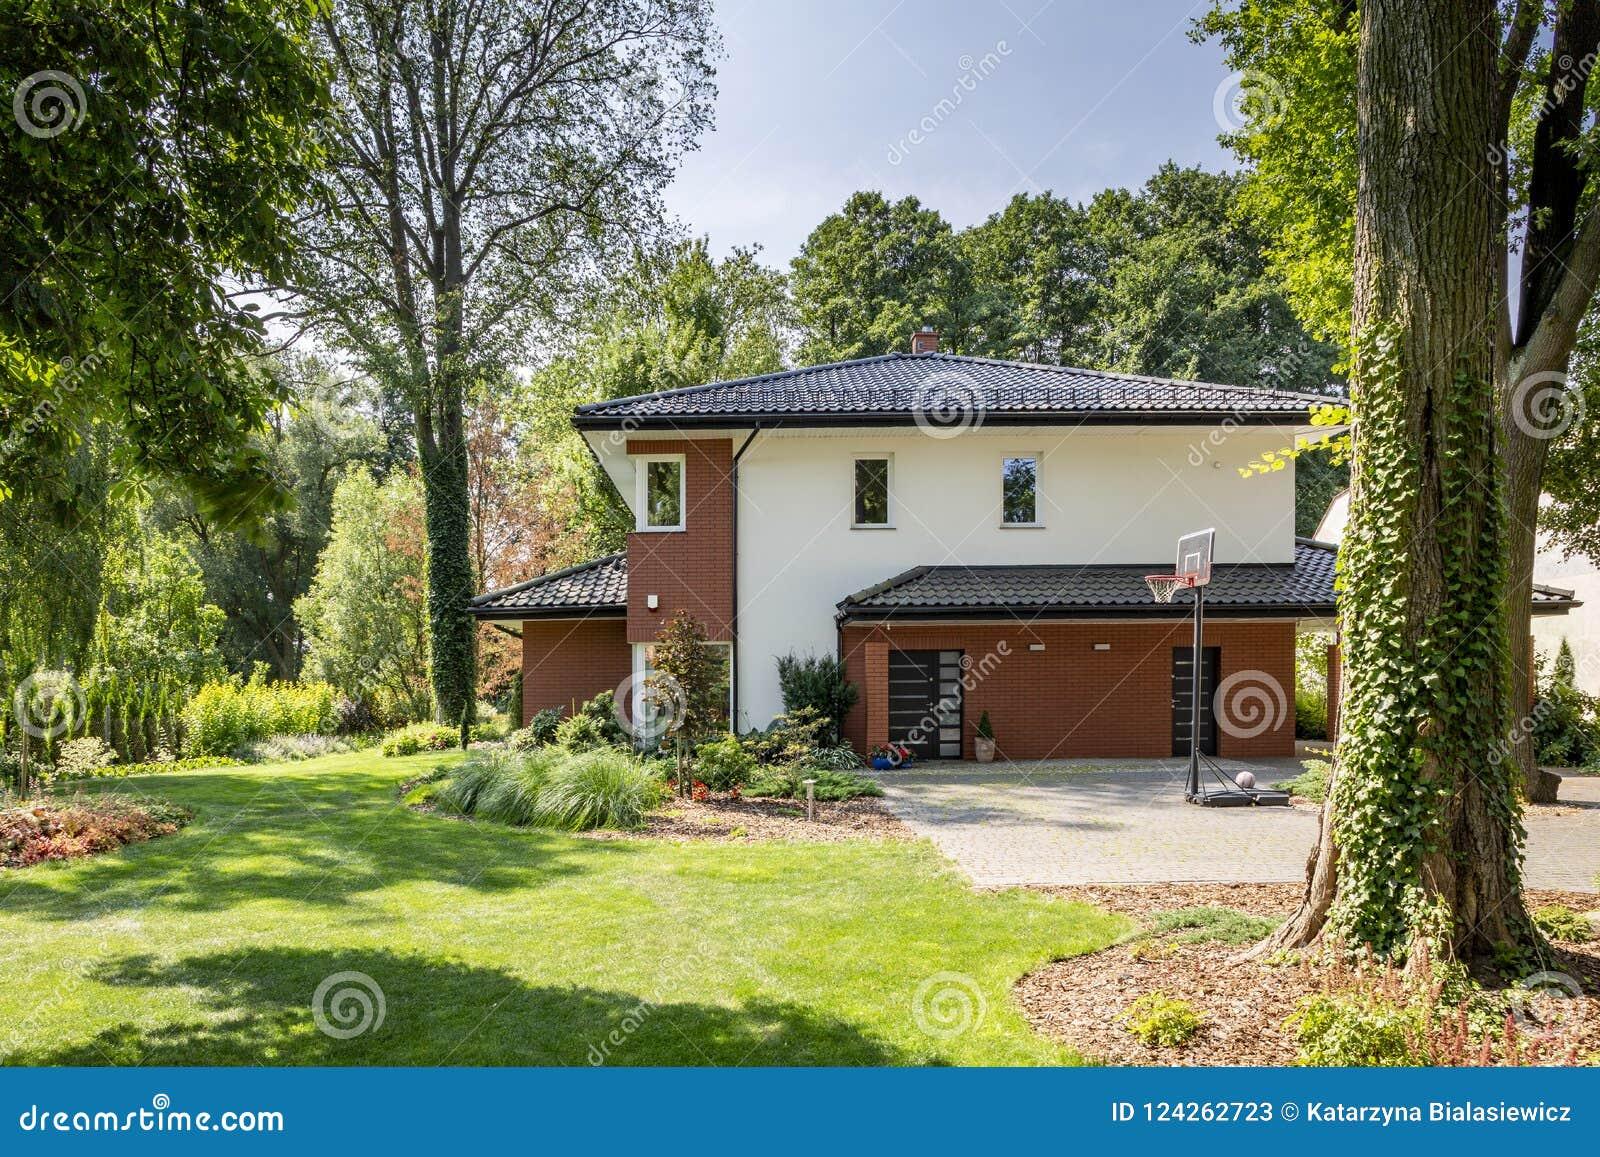 Maison Moderne, Jardin Avec Des Buissons Et Arbres Image ...